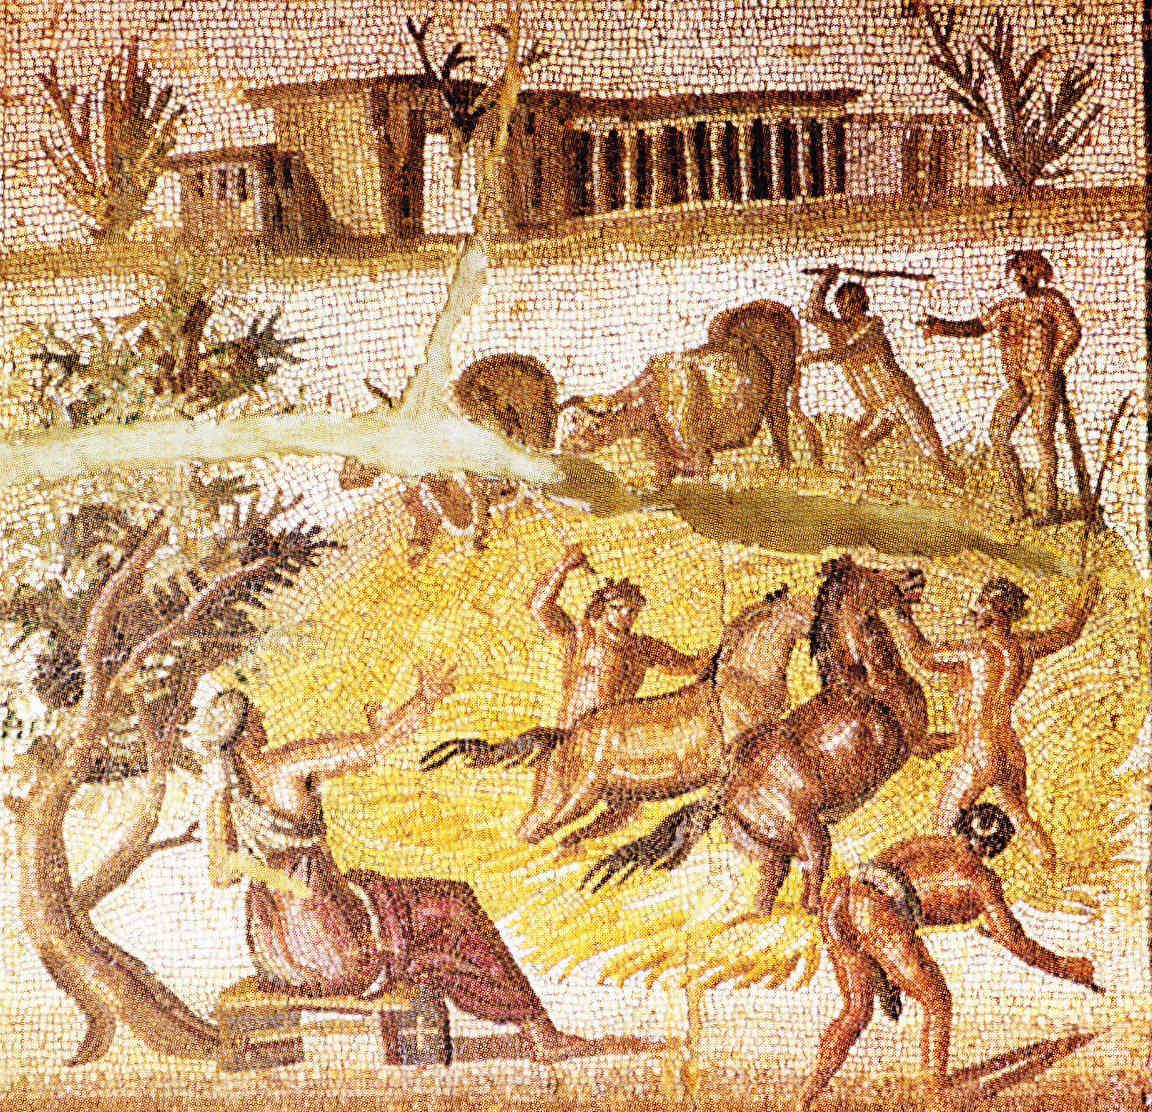 Egipto Antiguo 150 La iniciativa de Rúspina